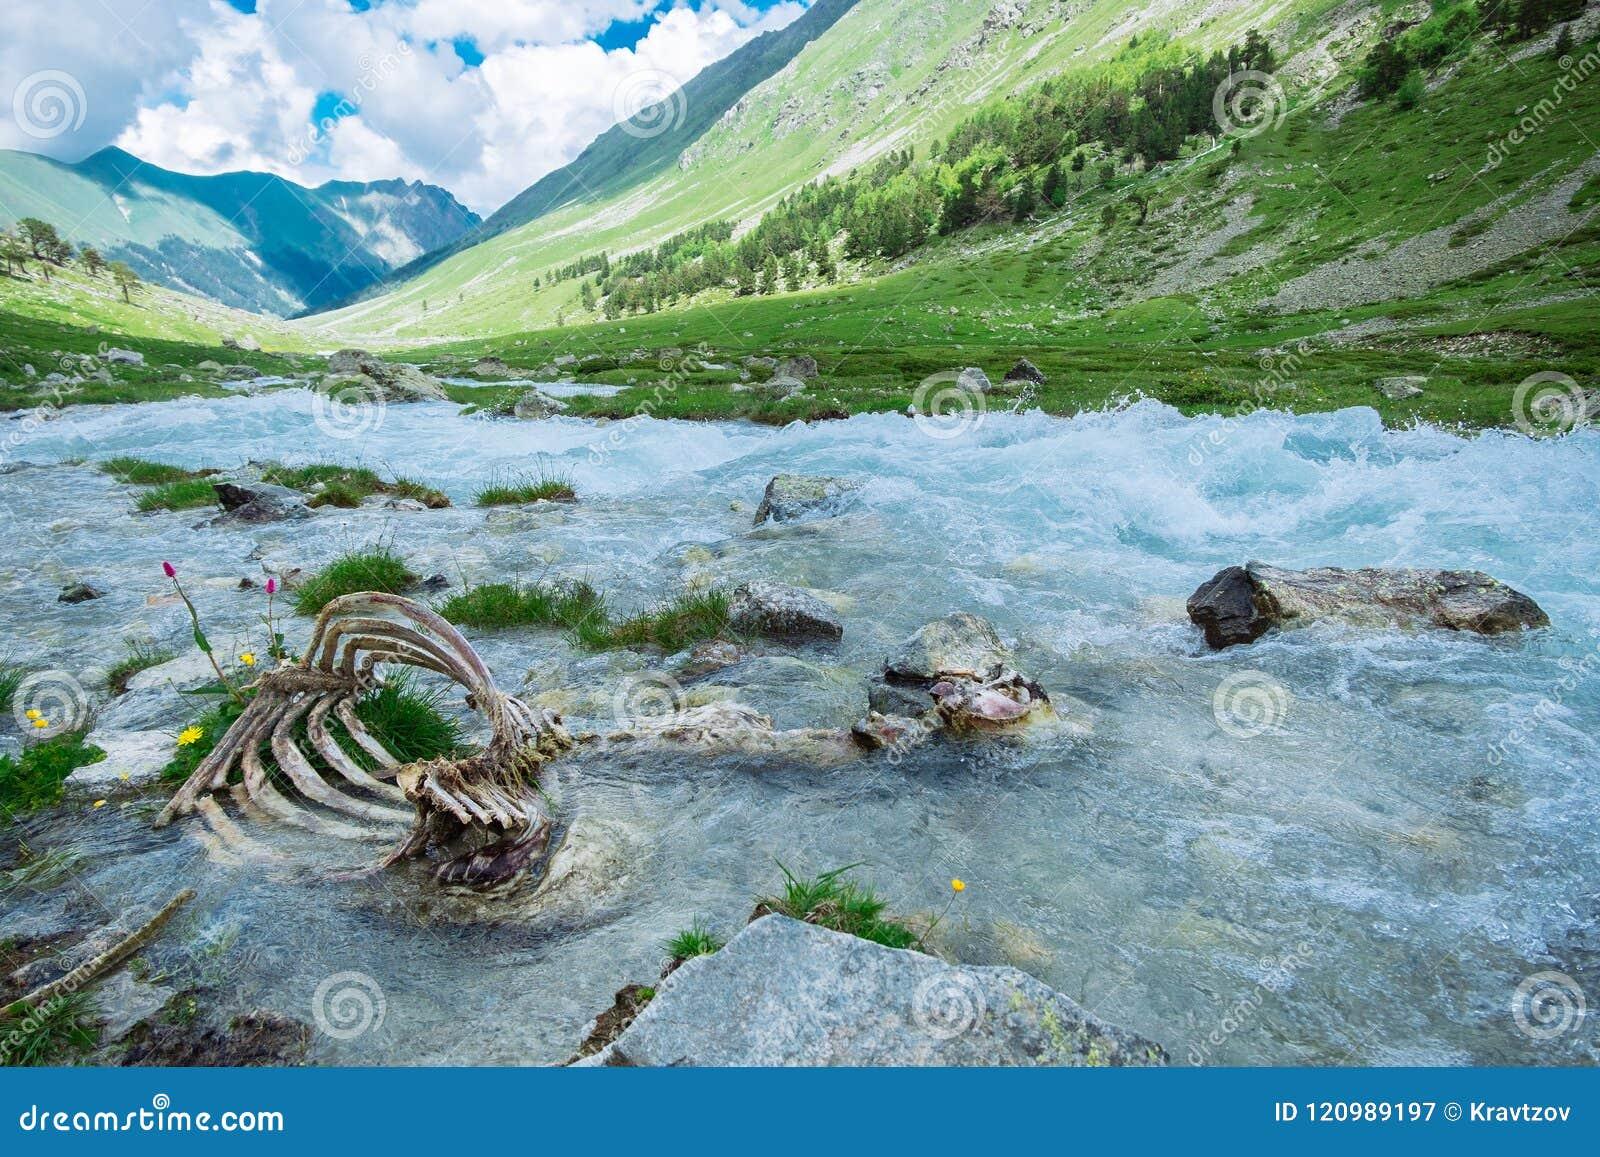 Zwierzęce kości w halnej rzece ekologia problem zanieczyszczenie środowisko naturalna selekcja w dzikiej naturze